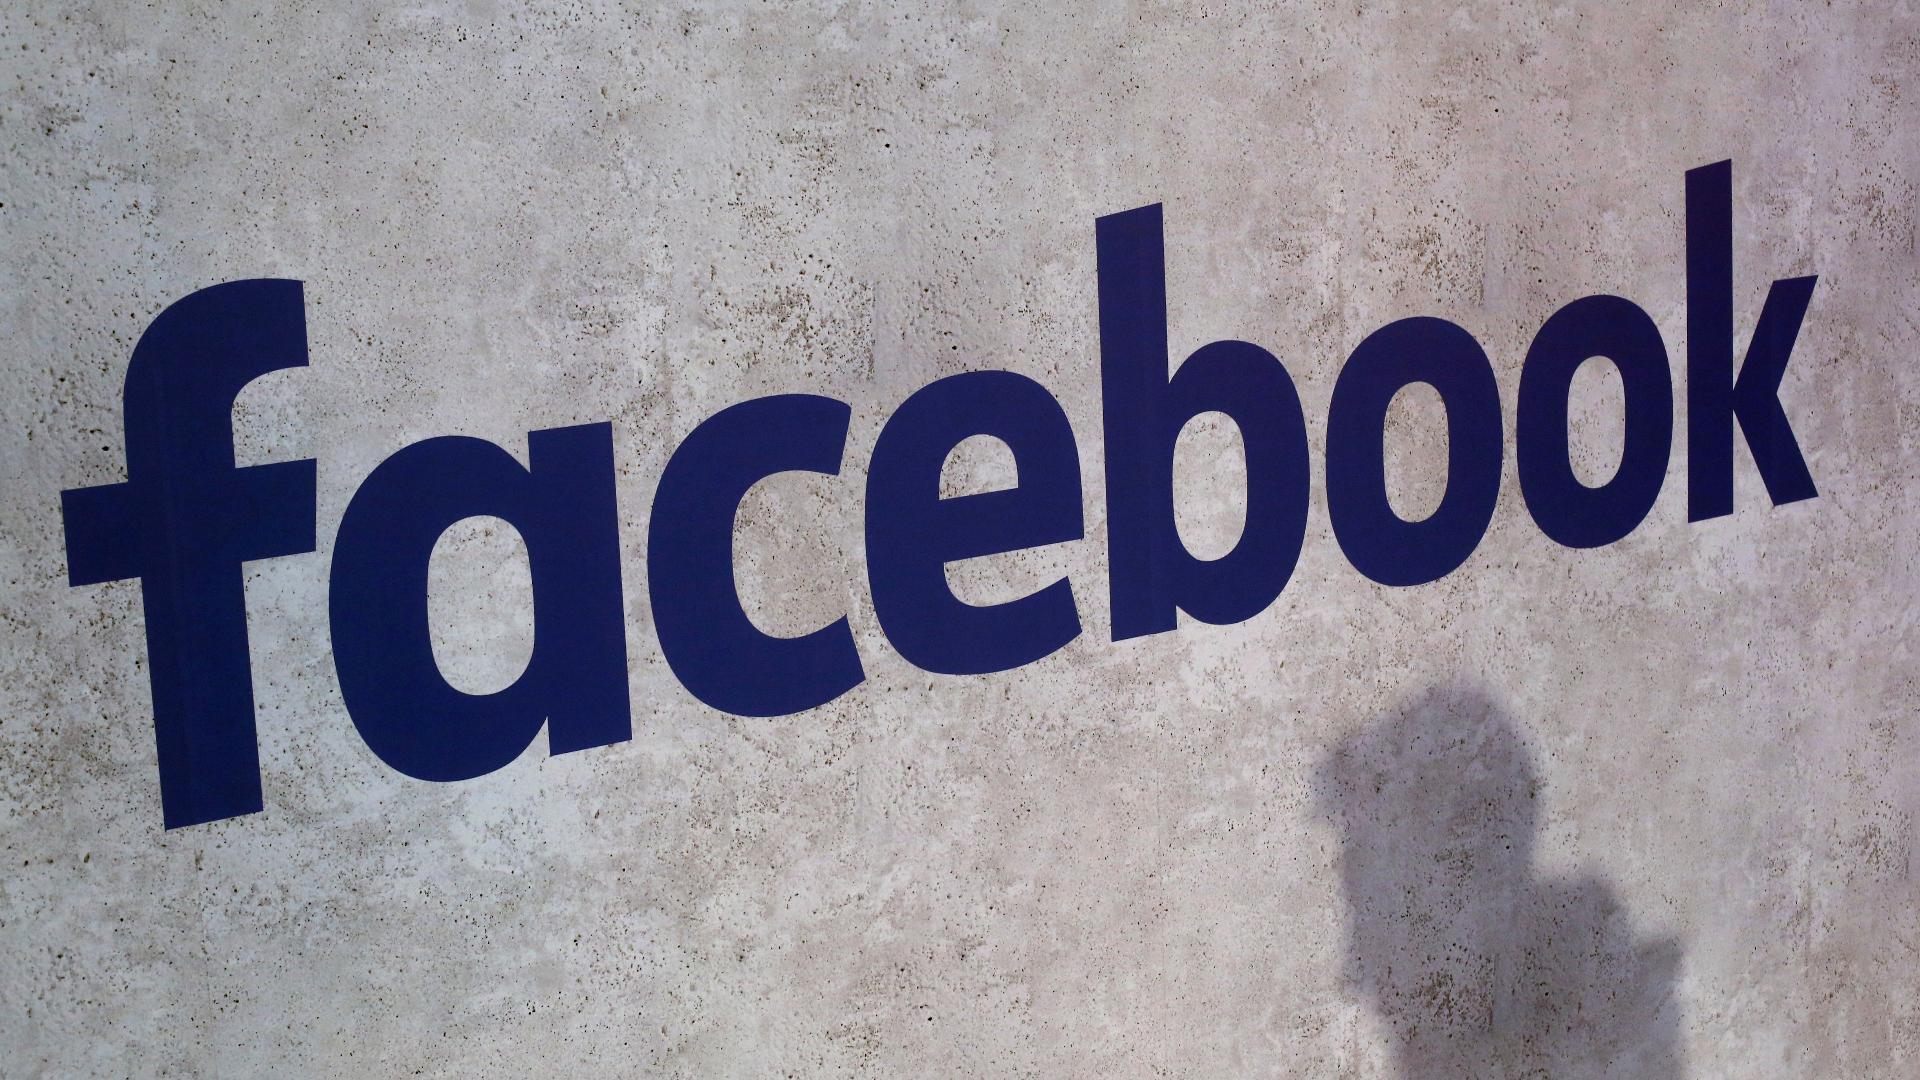 Alexandria Ocasio-Cortez quits Facebook, calls social media a 'public health risk'